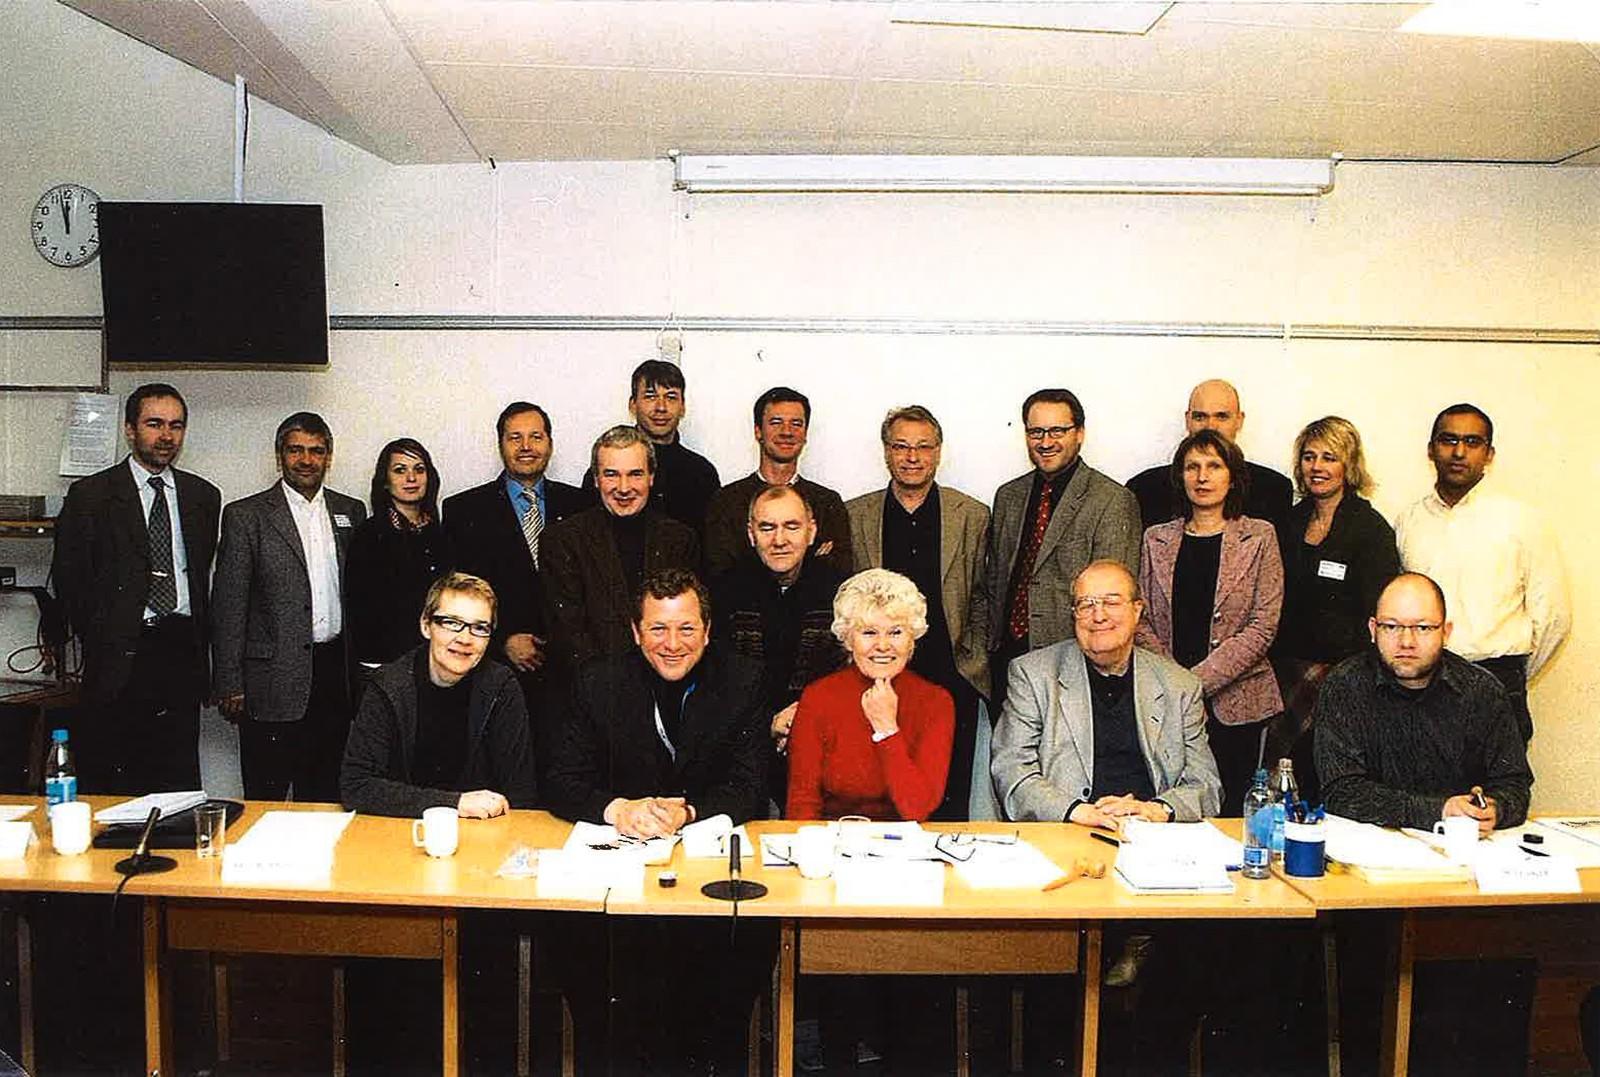 Kringkastingsrådet 2006 - 2209: Ledet av Kjellaug Nakkim i rødt i midten, t v for henne kringkastingssjef John G Bernander.